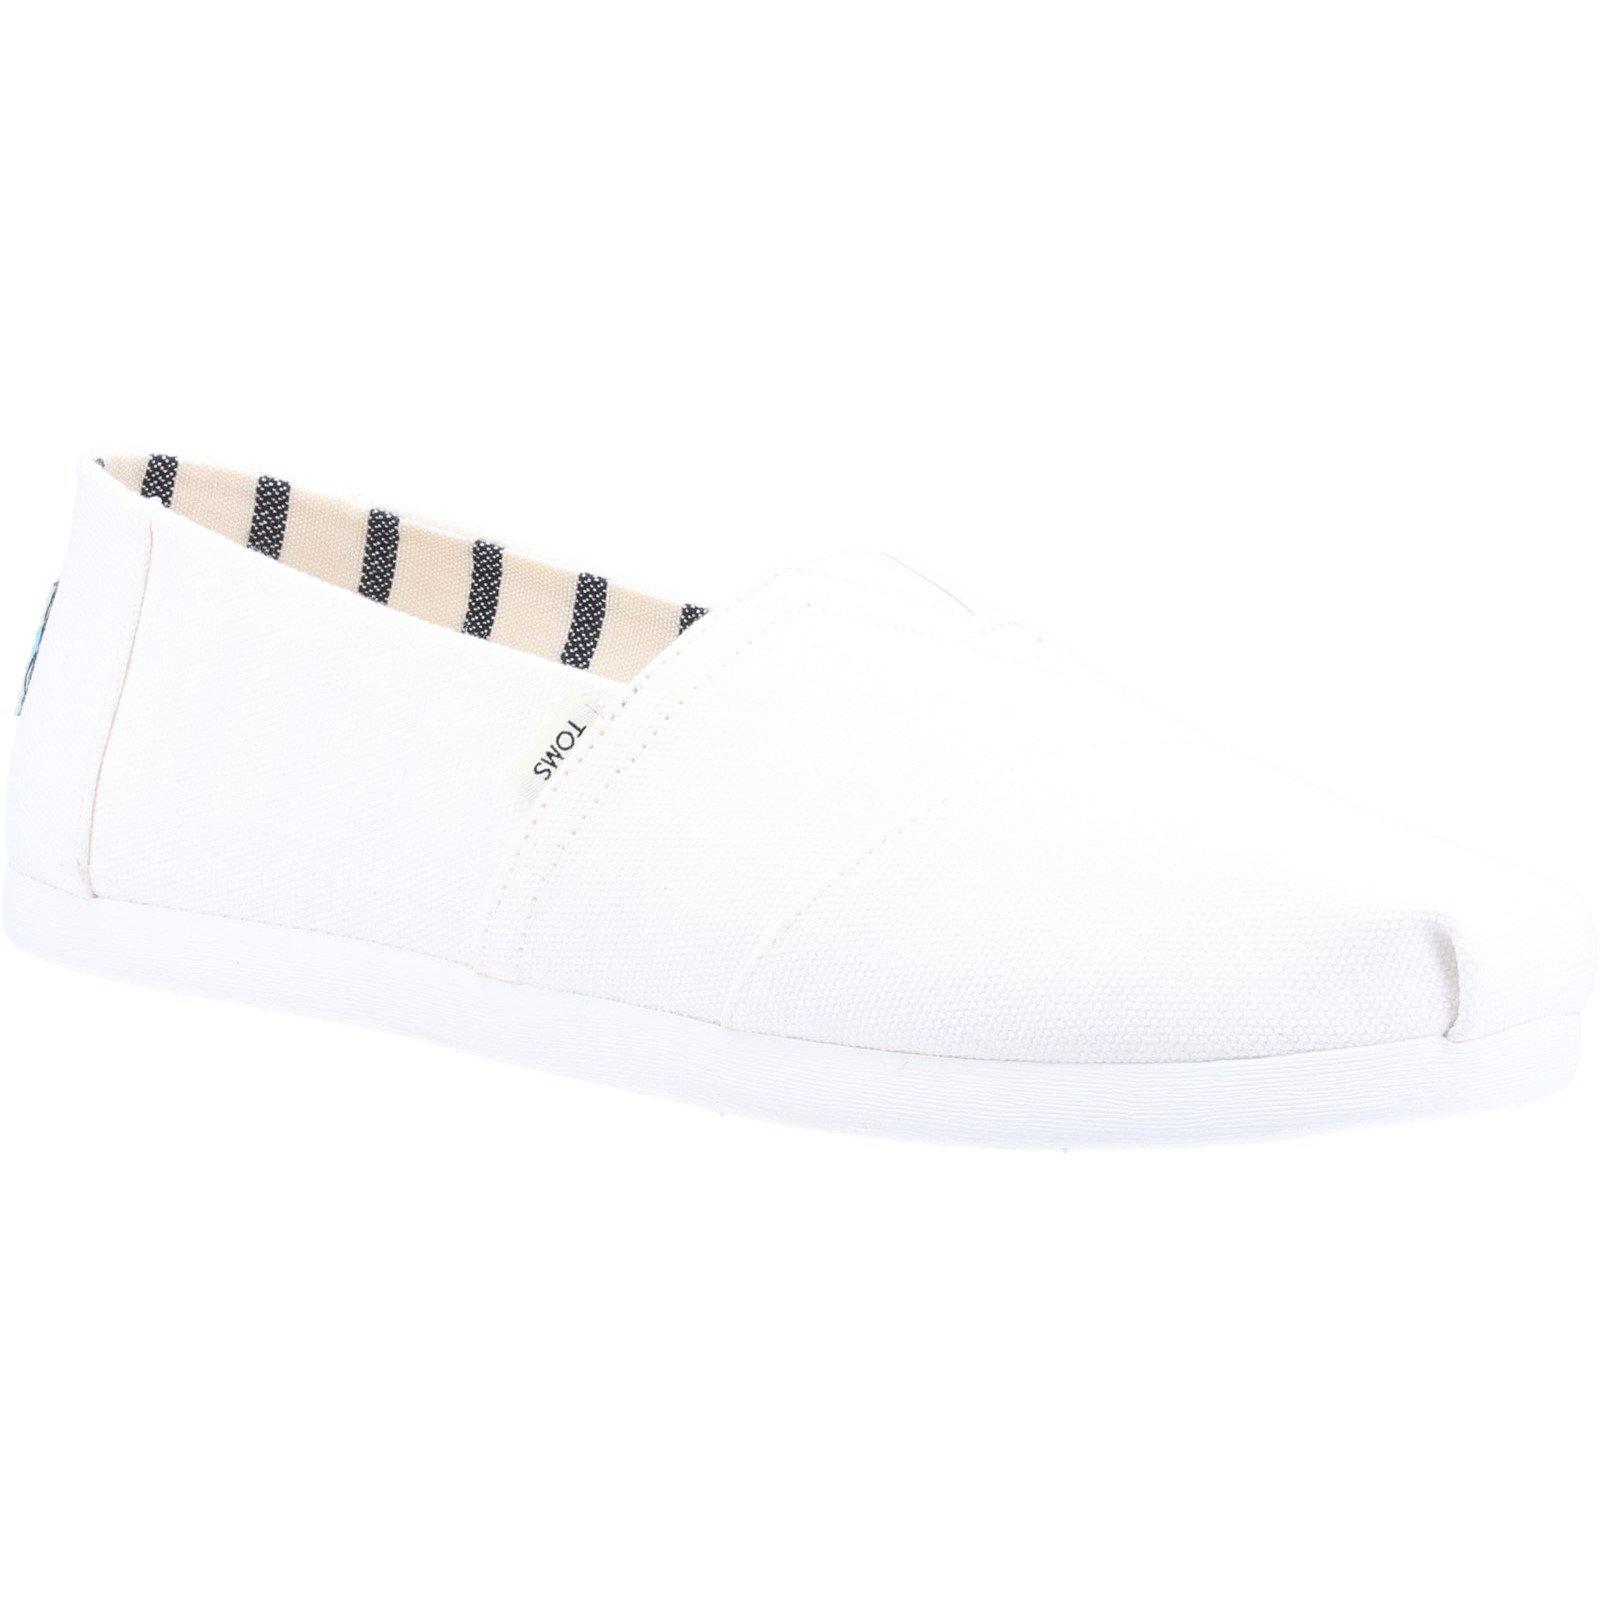 TOMS Men's Alpargata Canvas Loafer White 32554 - White 8